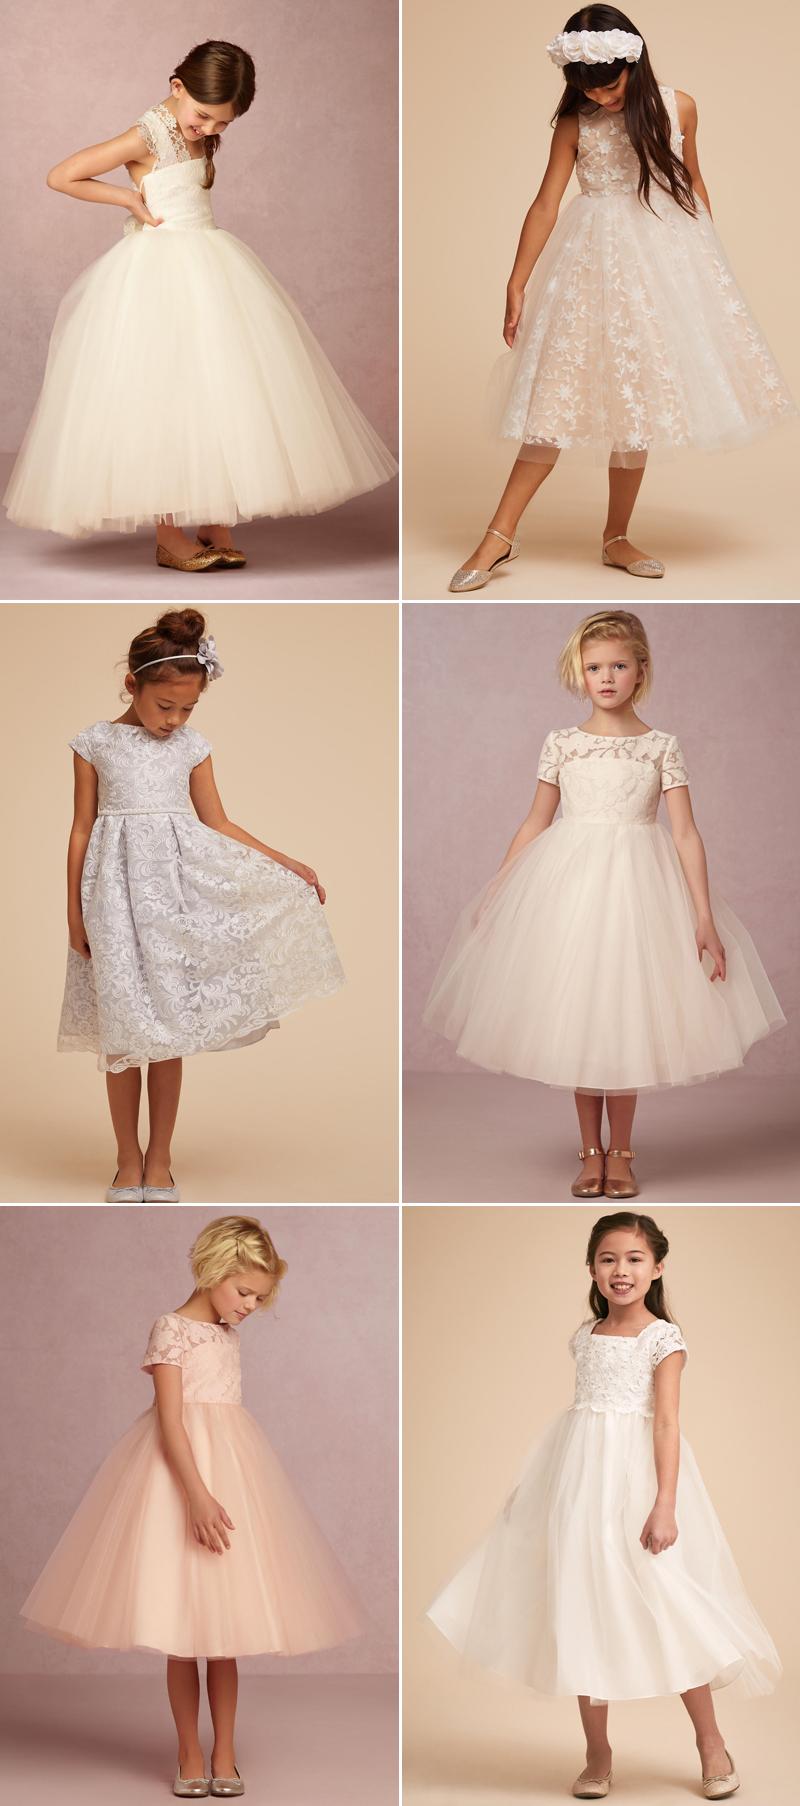 小公主的澎澎裙! 38件甜美可爱的小花童礼服